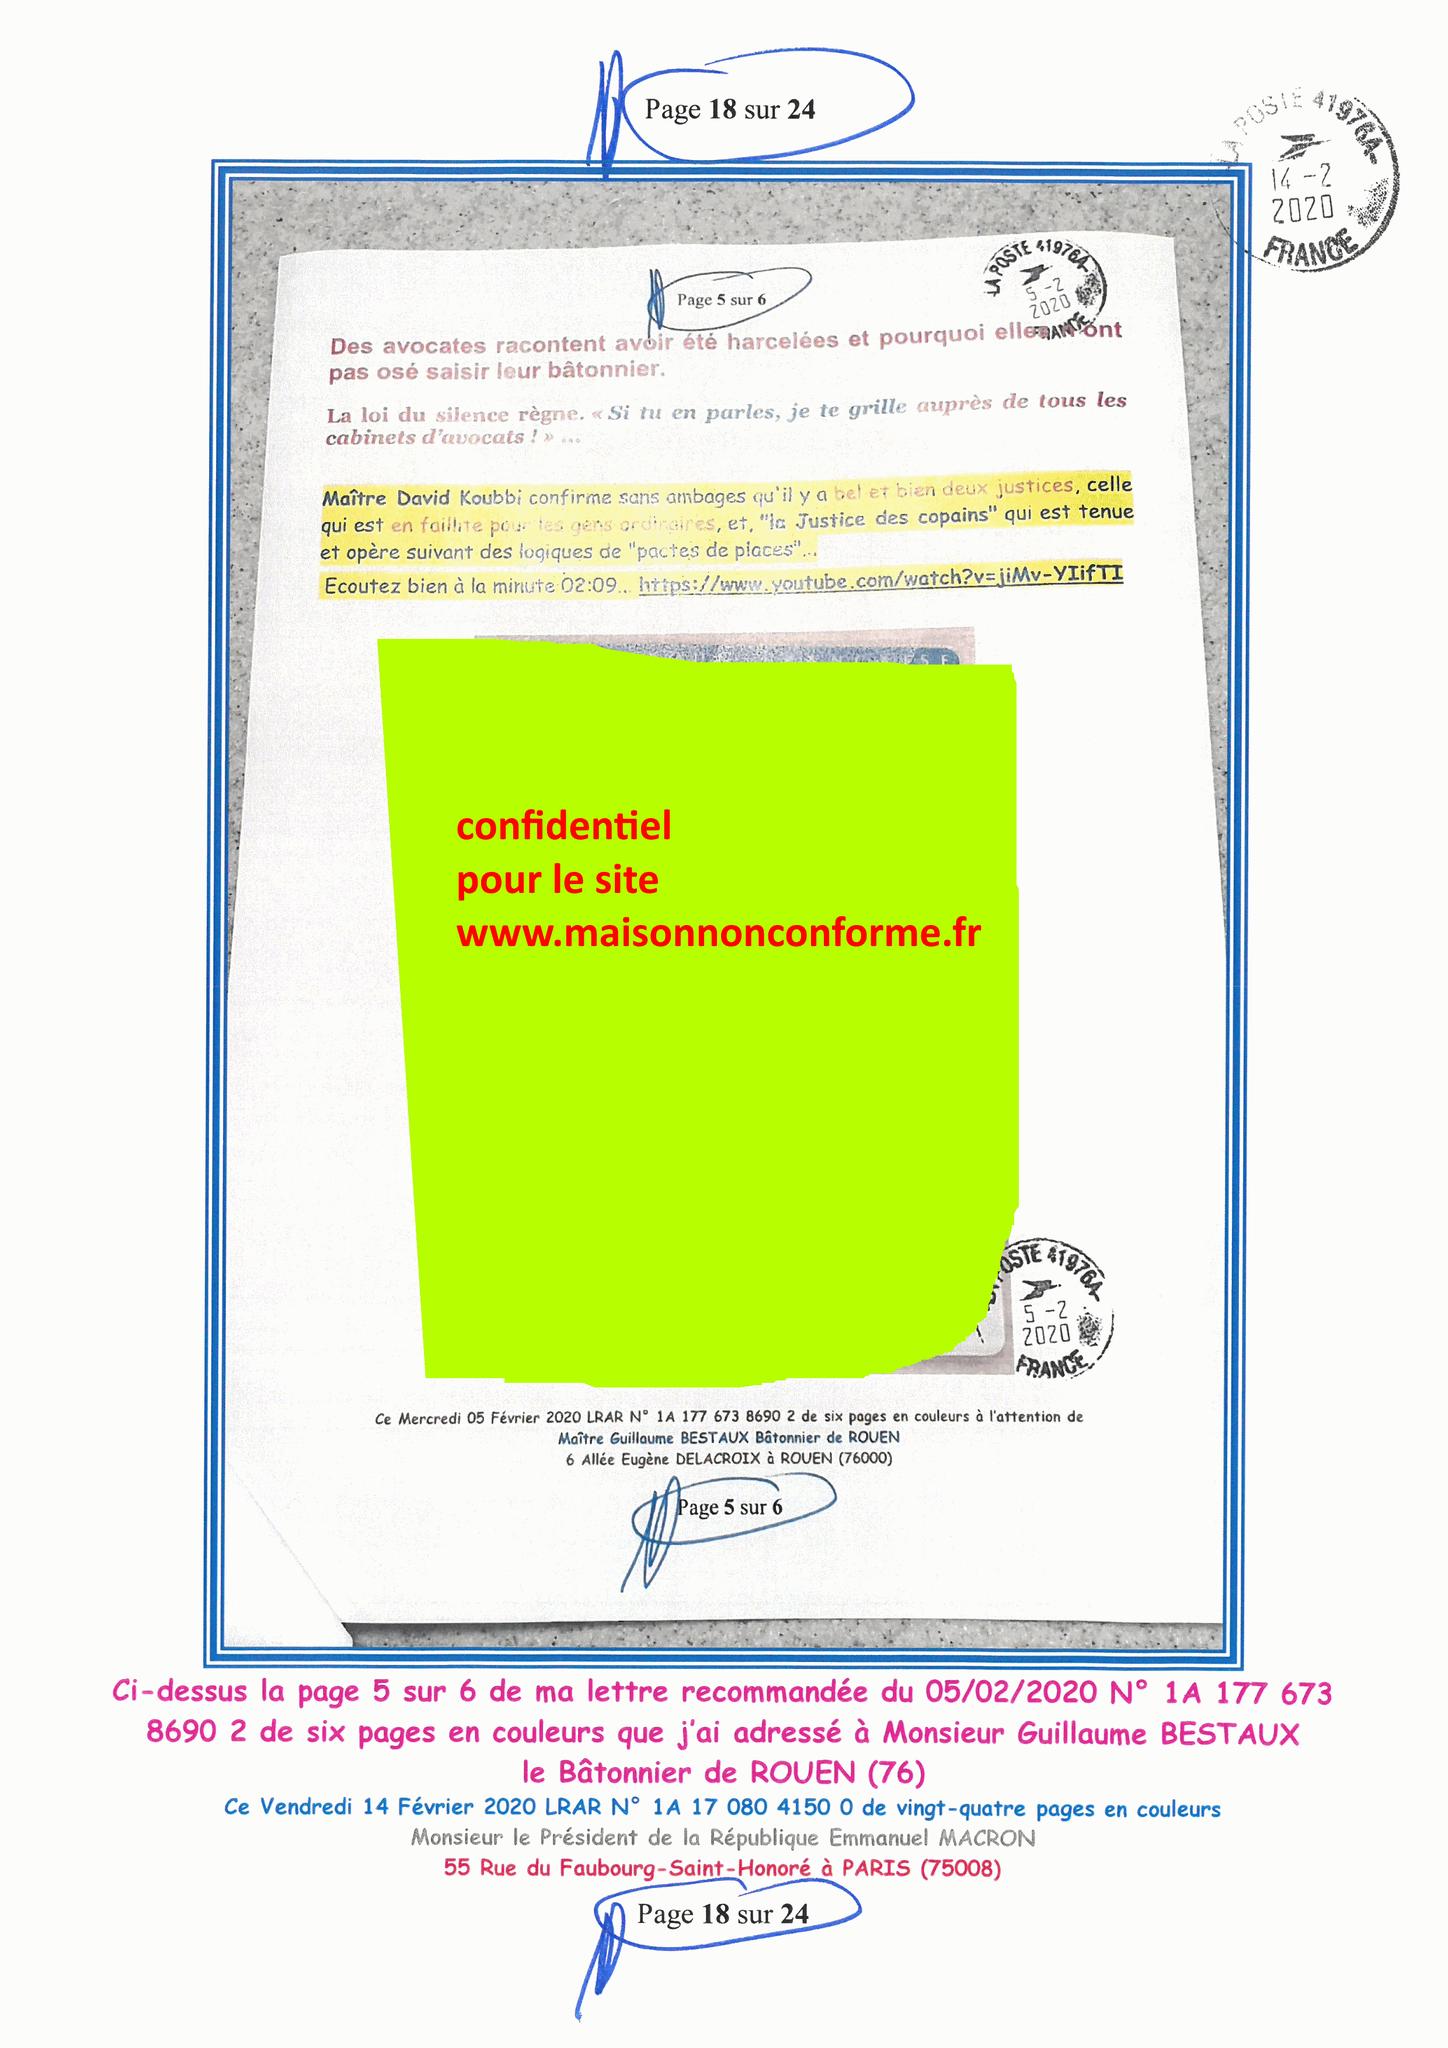 Ma lettre recommandée du 14 Février 2020 N° 1A 178 082 4150 0  page 18 sur 24 en couleur que j'ai adressé à Monsieur Emmanuel MACRON le Président de la République www.jesuispatrick.fr